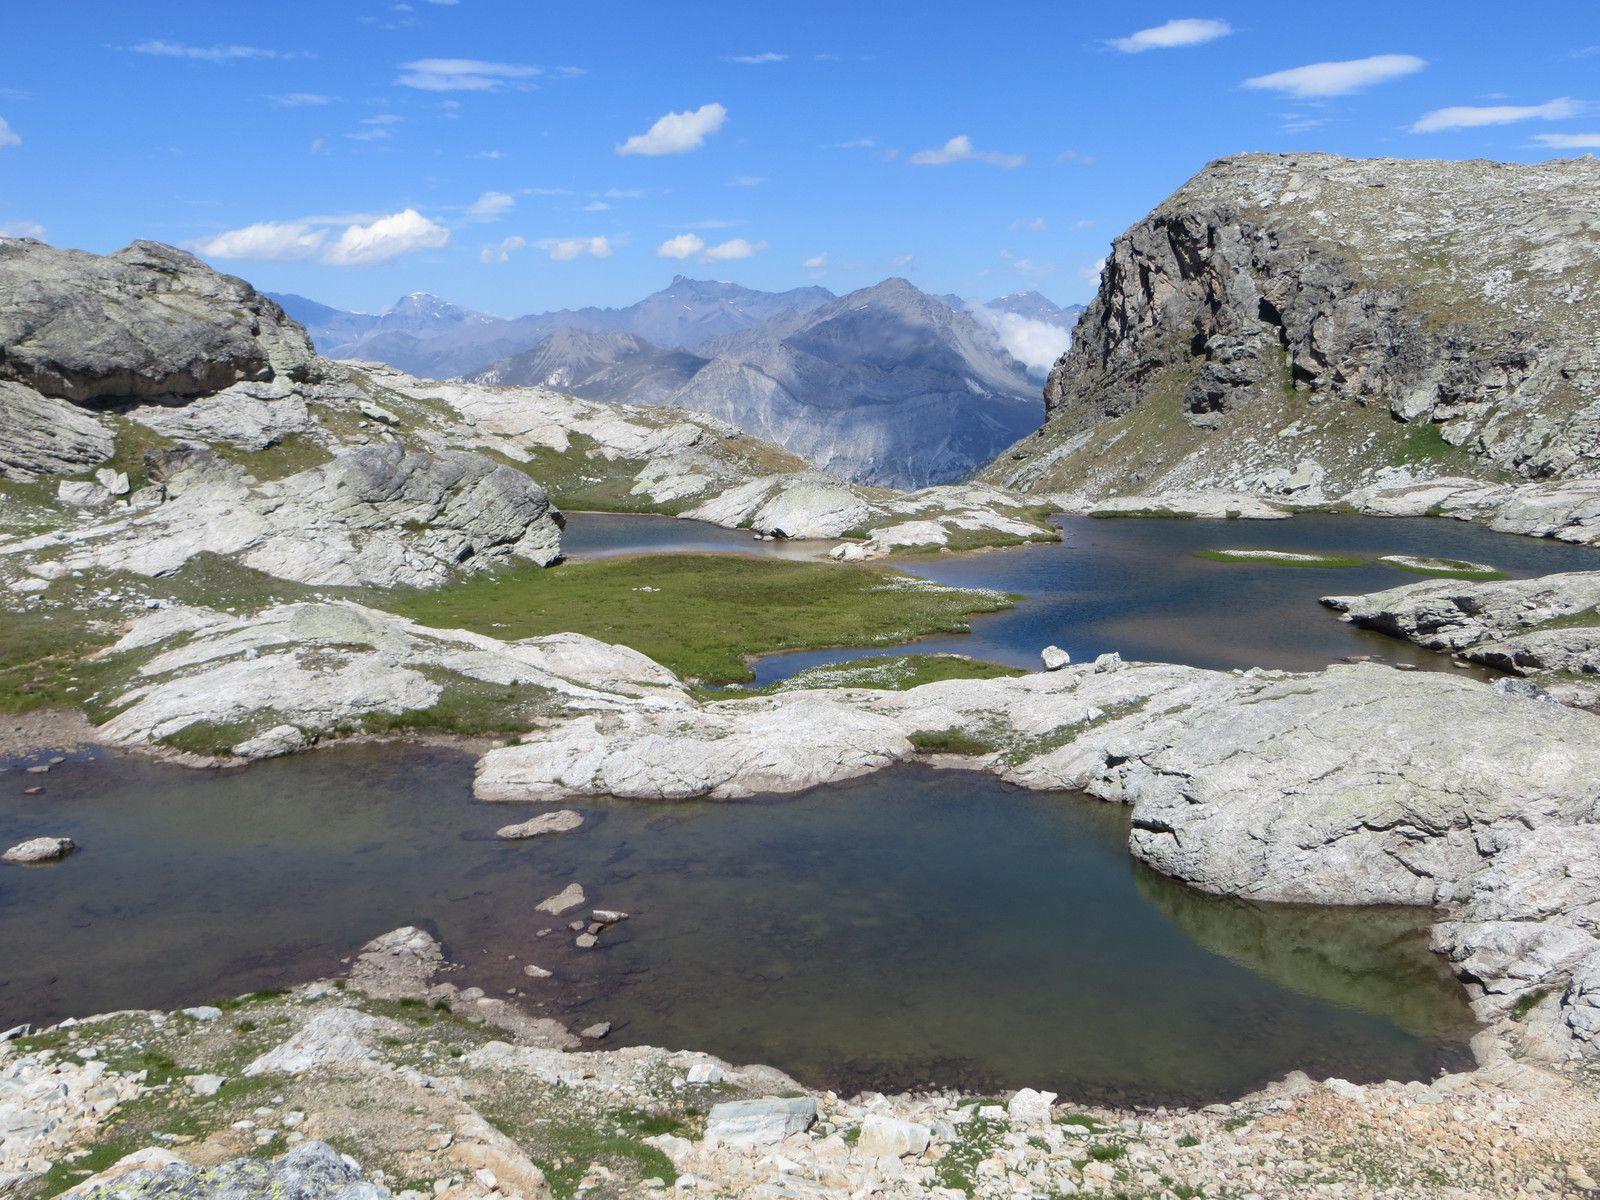 Le lac au pied du Grand Bec d'Etache